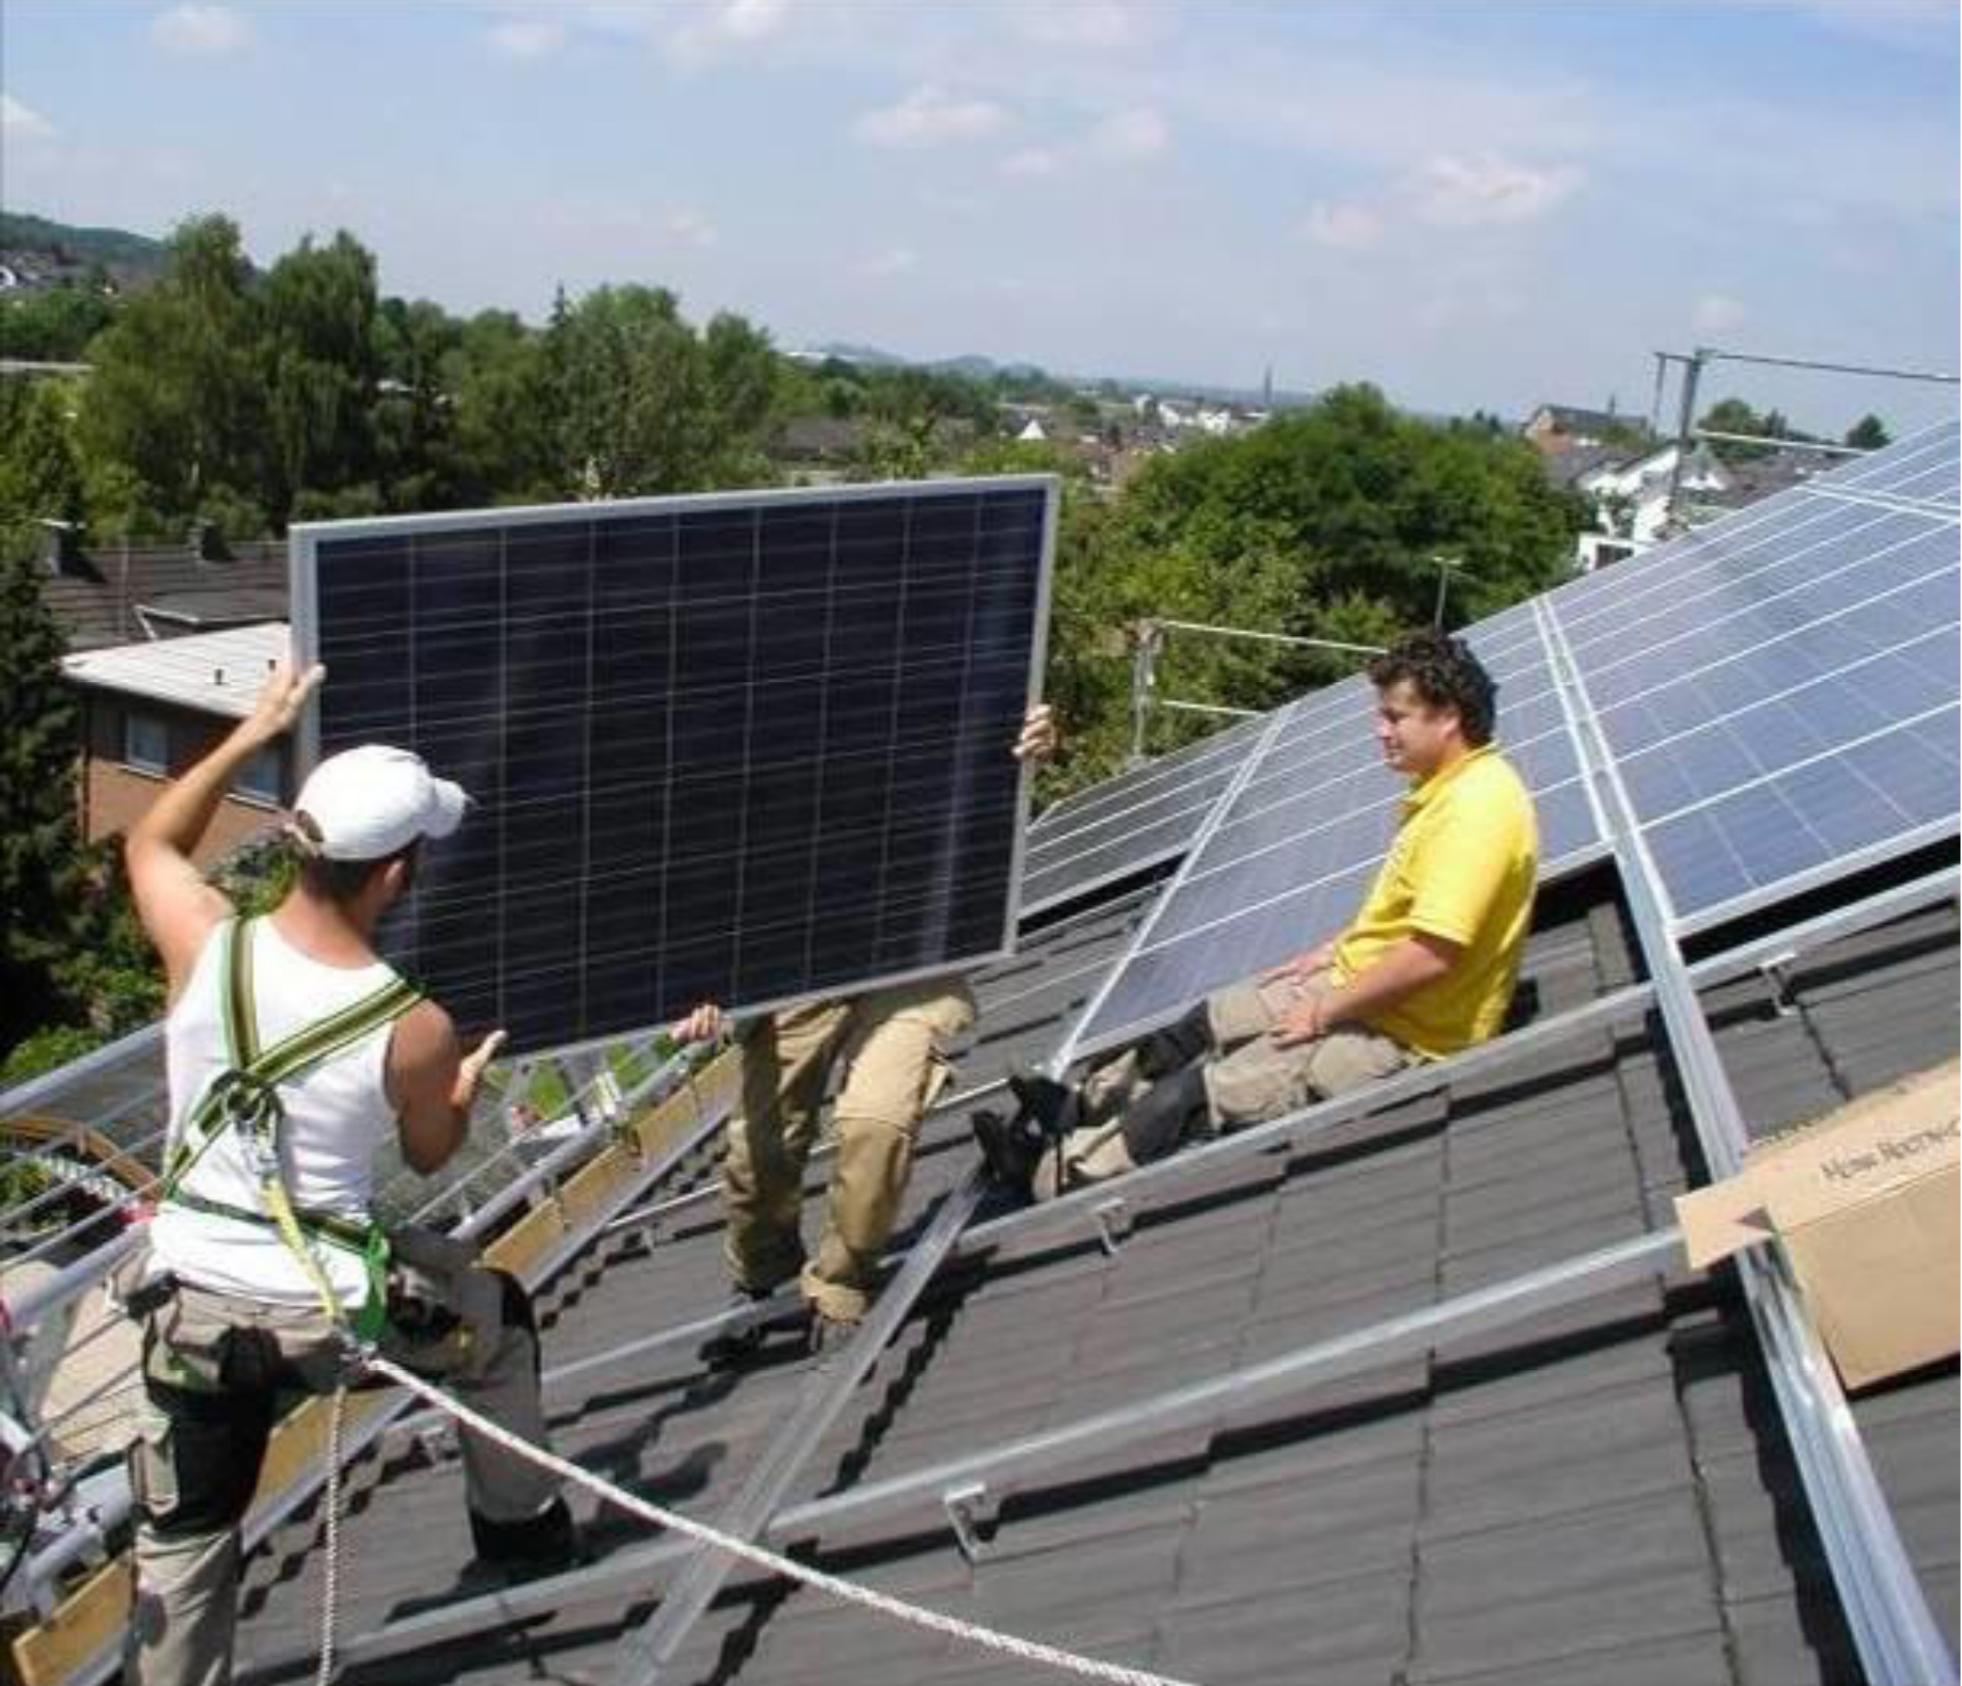 Top Die Gerüstkosten sind unabdingbarer Bestandteil eines Photovoltaik RC28